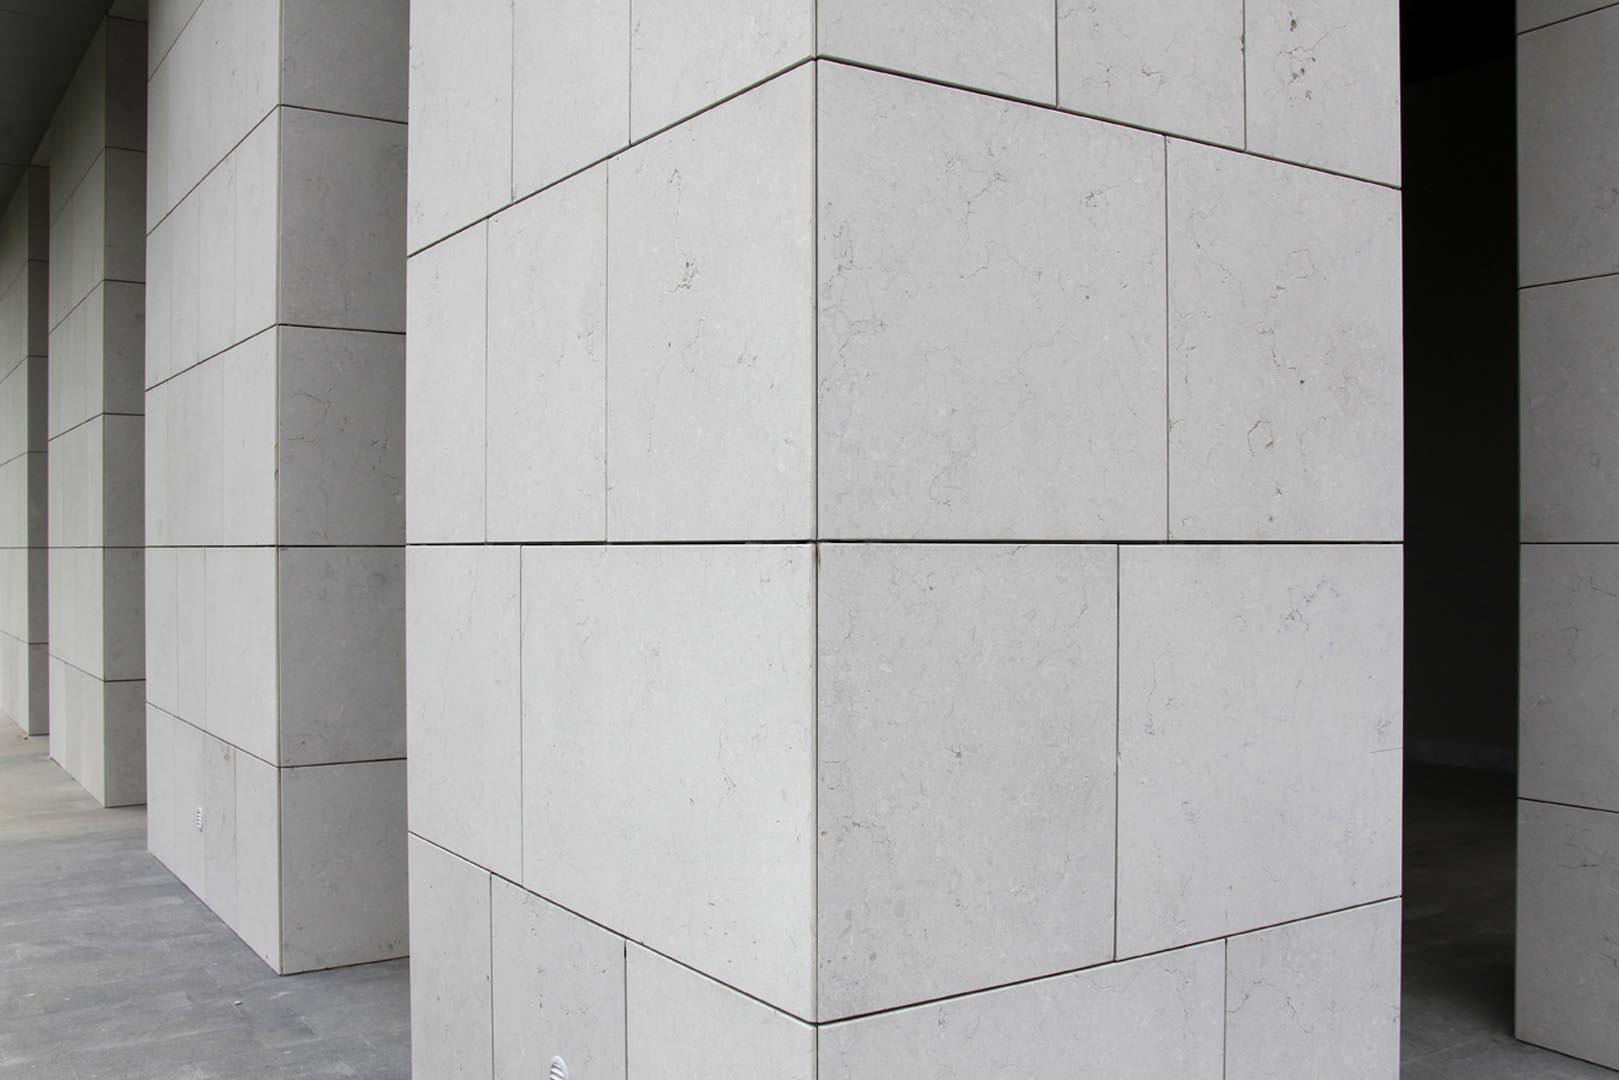 Dettaglio rivestimento in Marmo Grolla alla Torre Edison di Milano